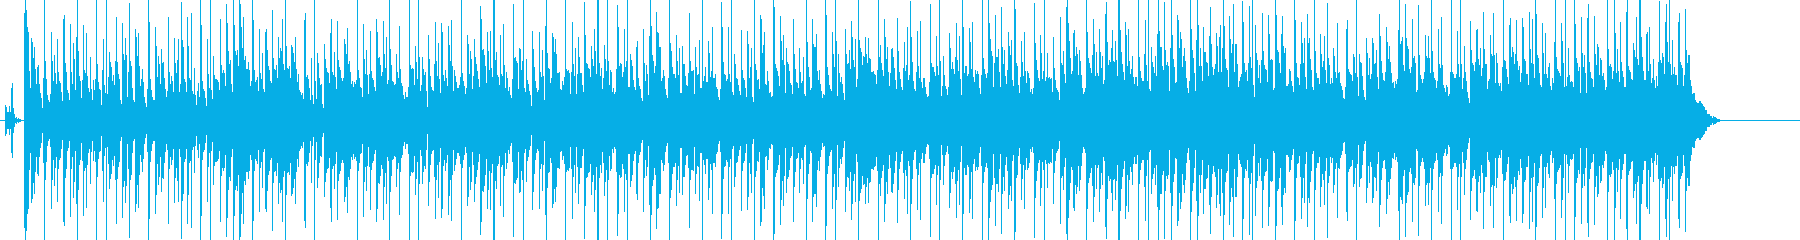 南国リゾート風の軽快でほのぼのしたBGMの再生済みの波形